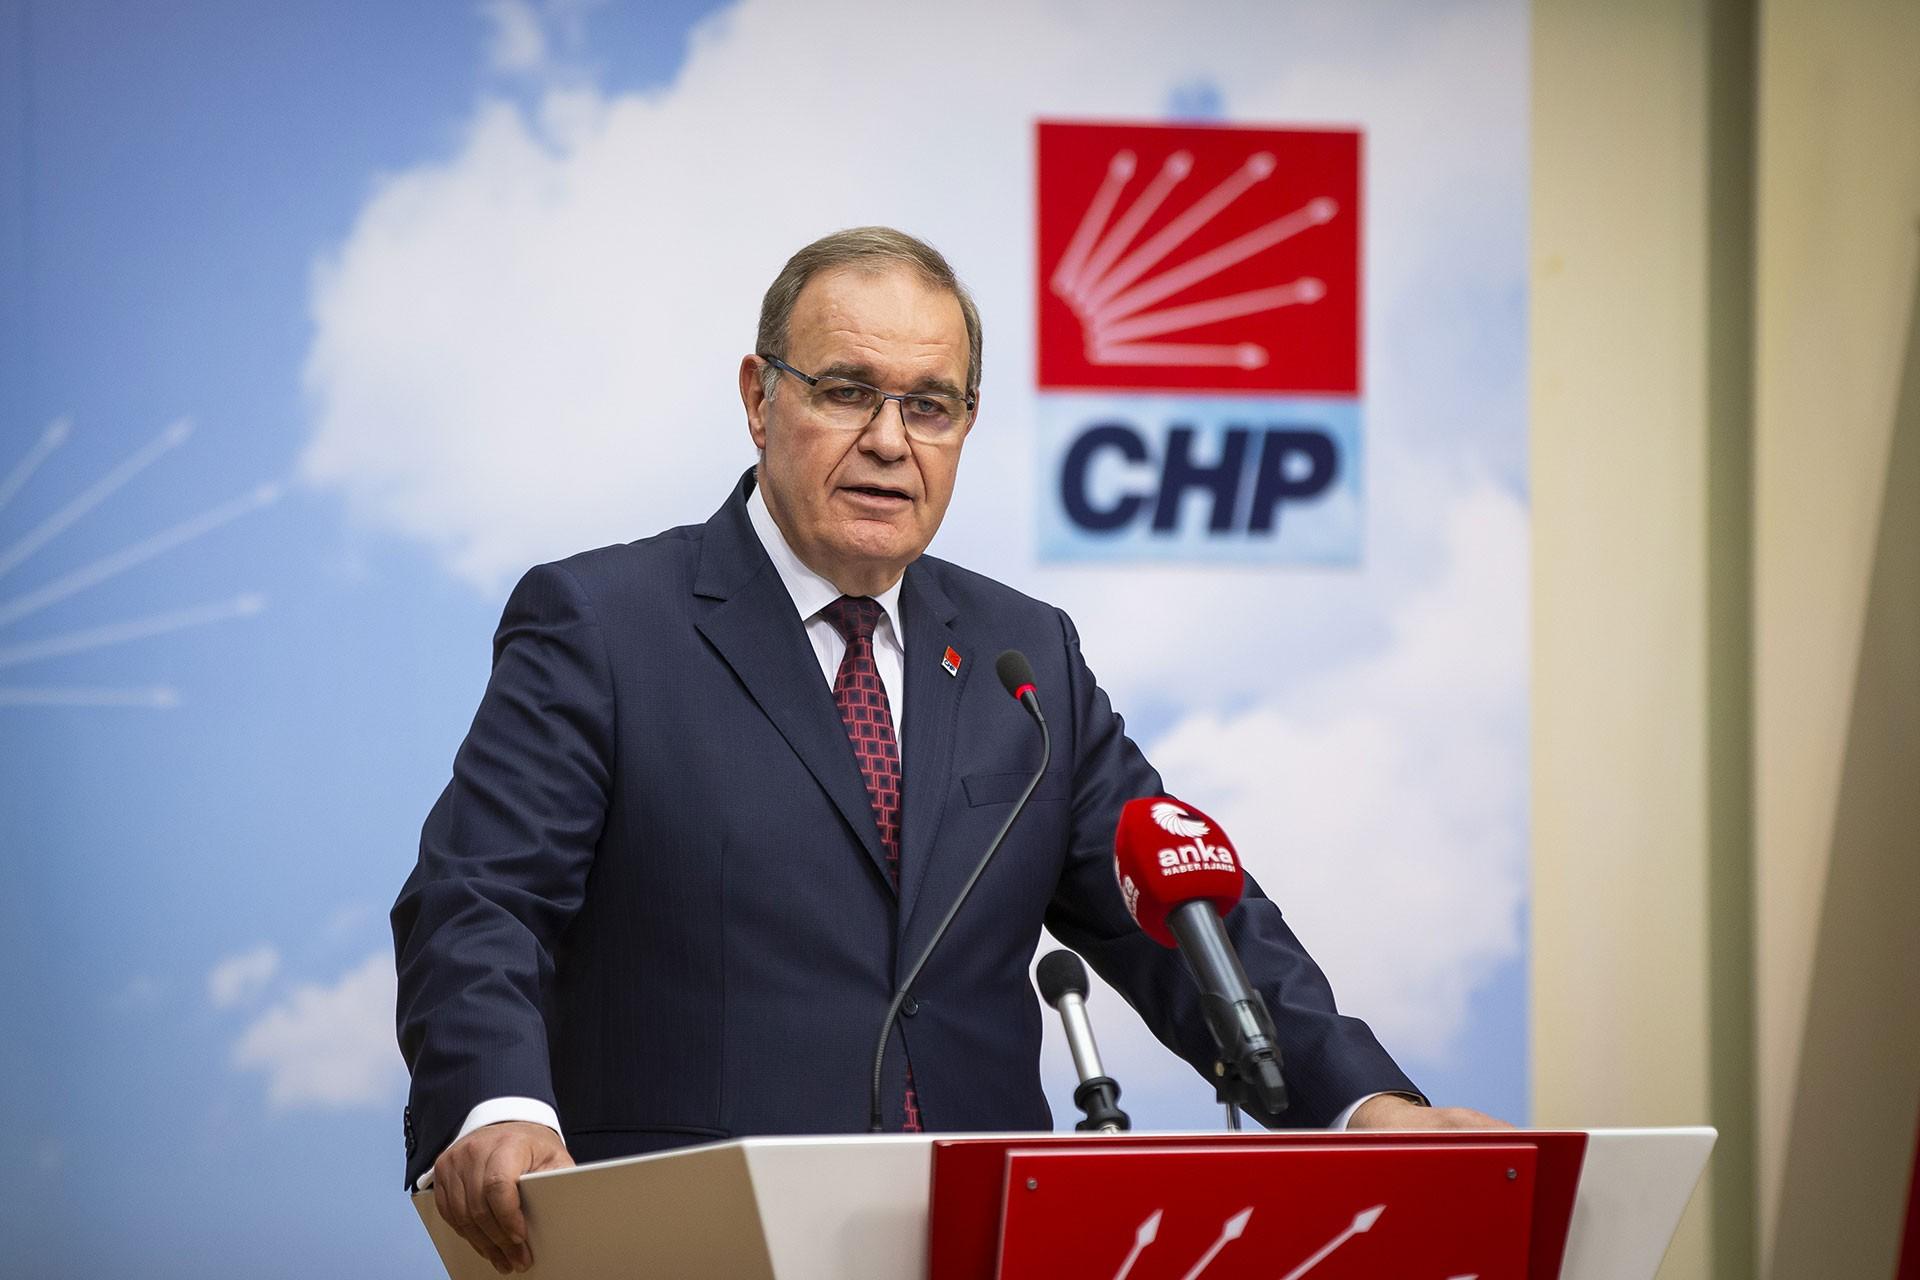 CHP Sözcüsü Faik Öztrak, CHP logosunun yer aldığı kürsüde konuşma yapıyor.